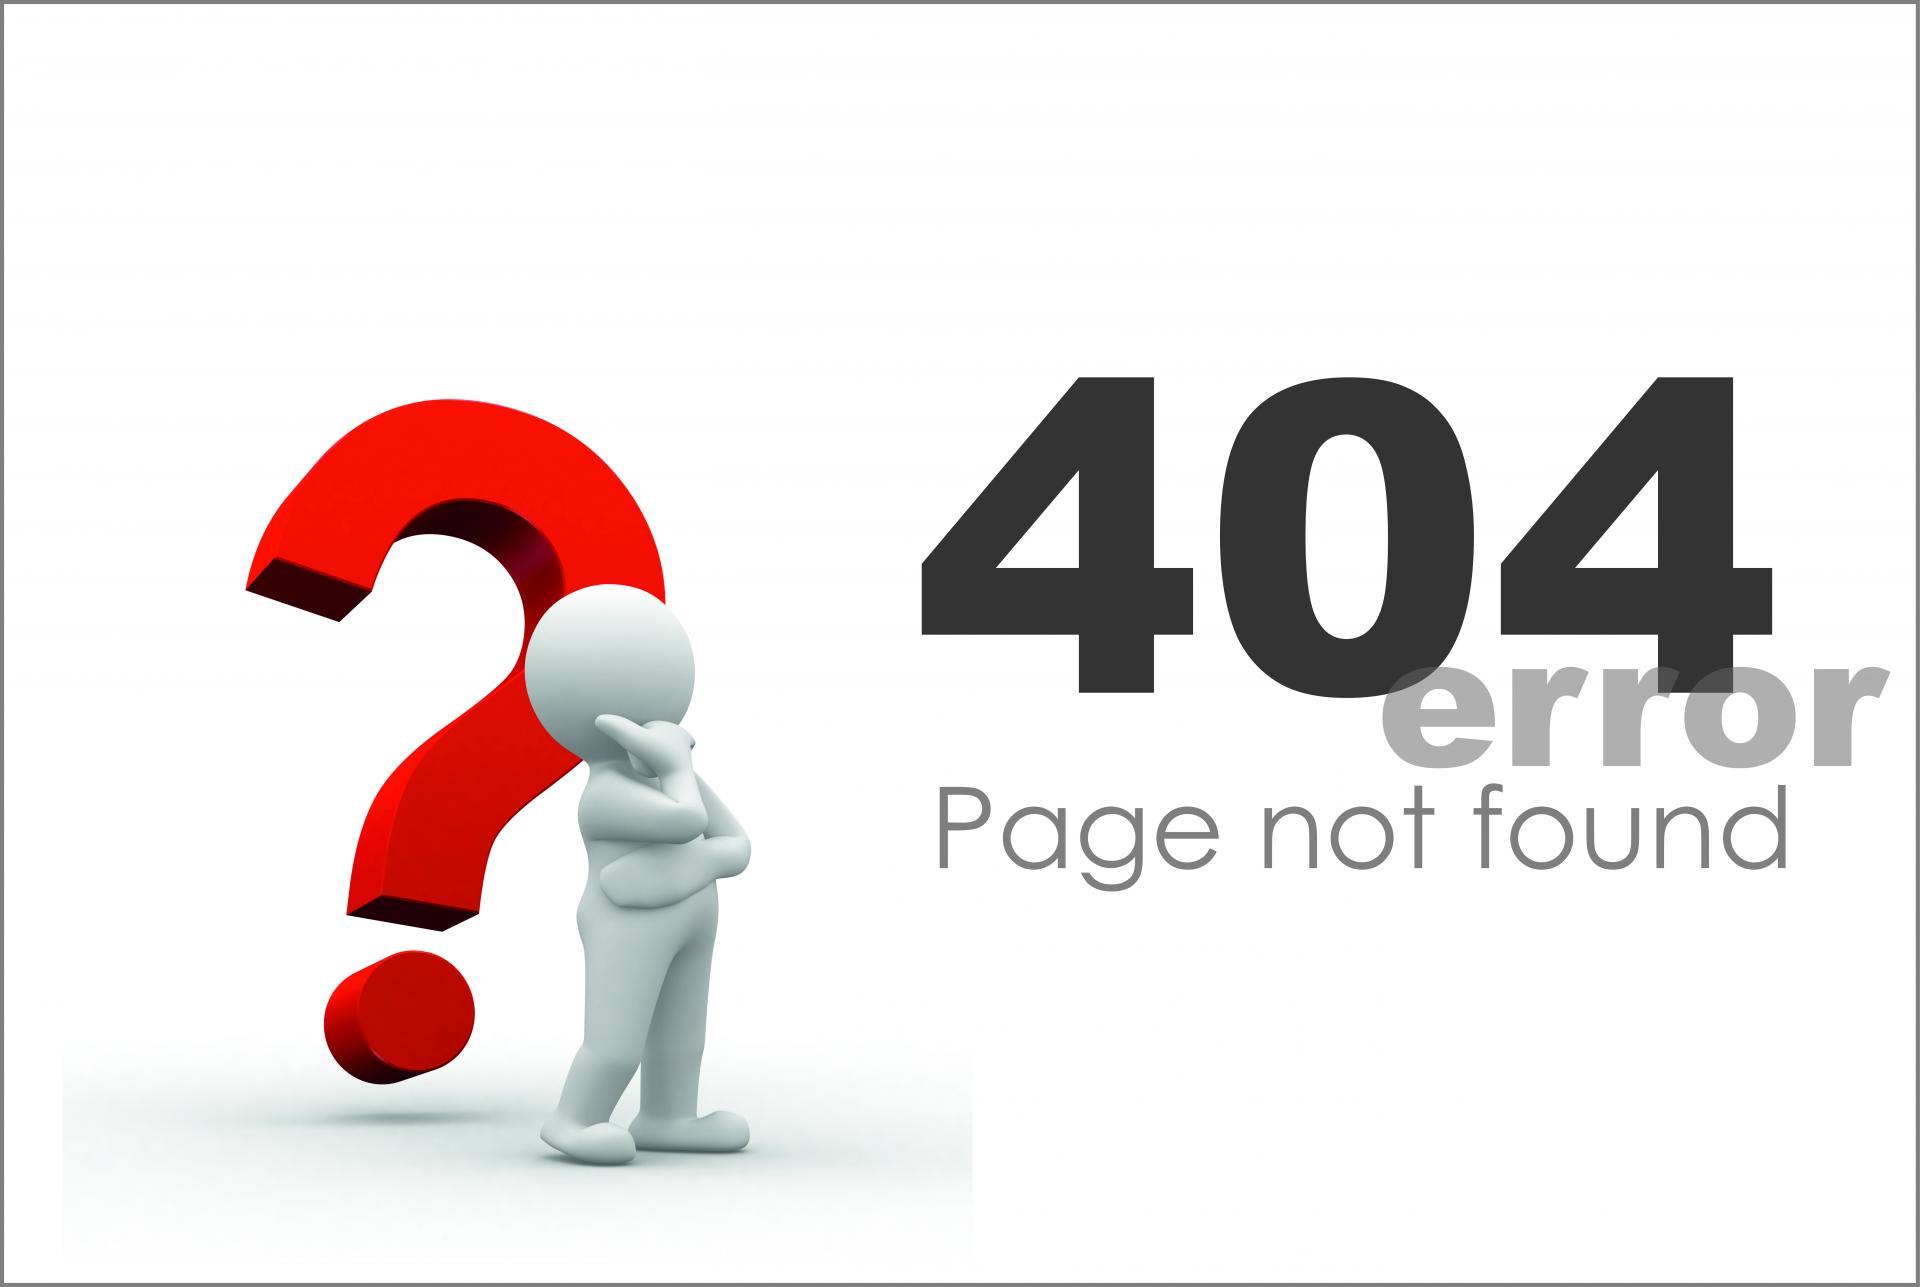 Pagina niet gevonden of verplaatst